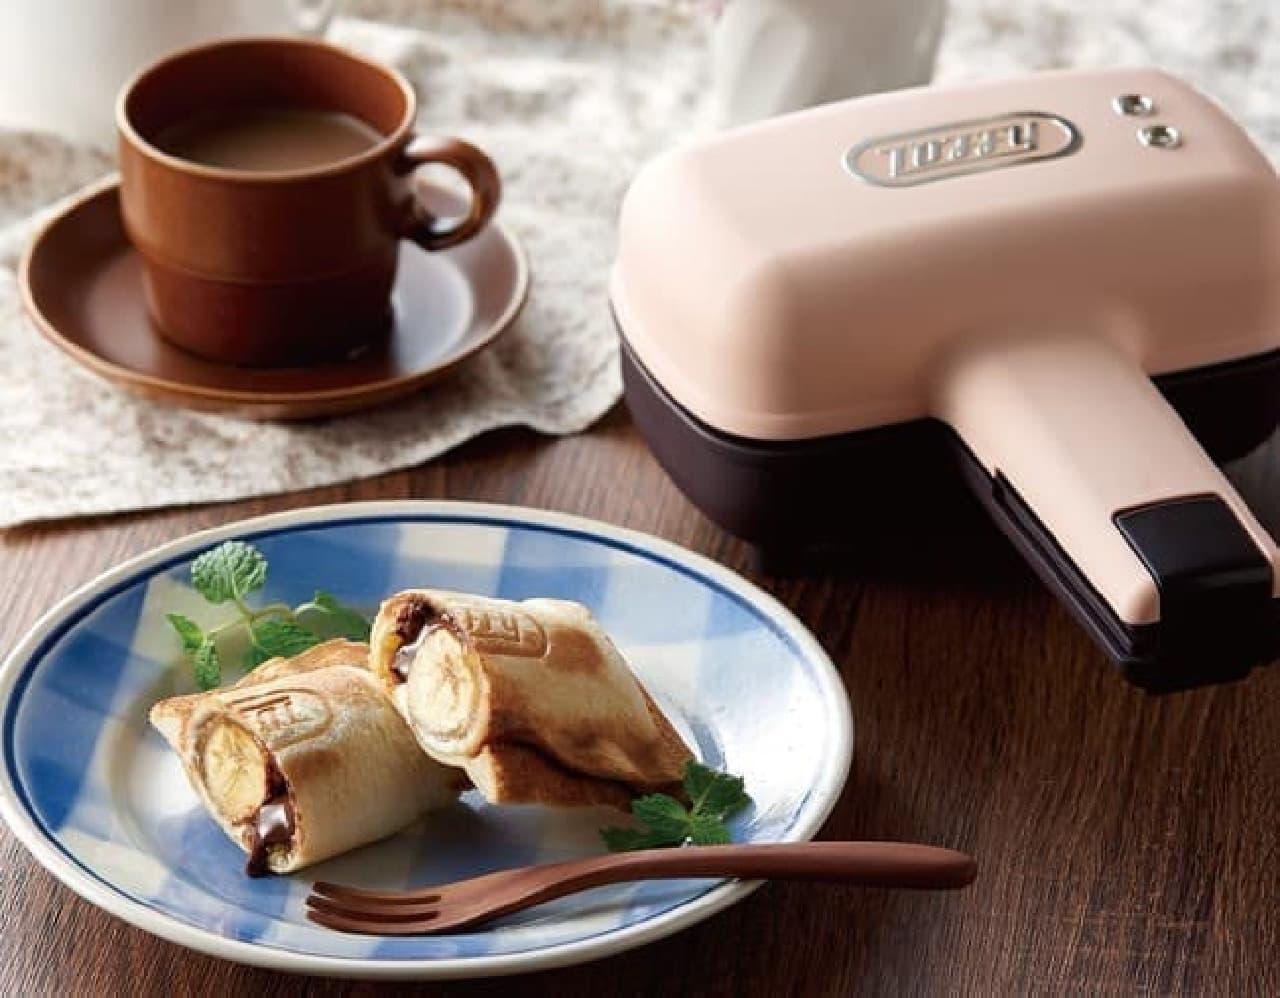 「Toffyハーフホットサンドメーカー」発売 -- 食パン1枚で作る食べきりサイズ